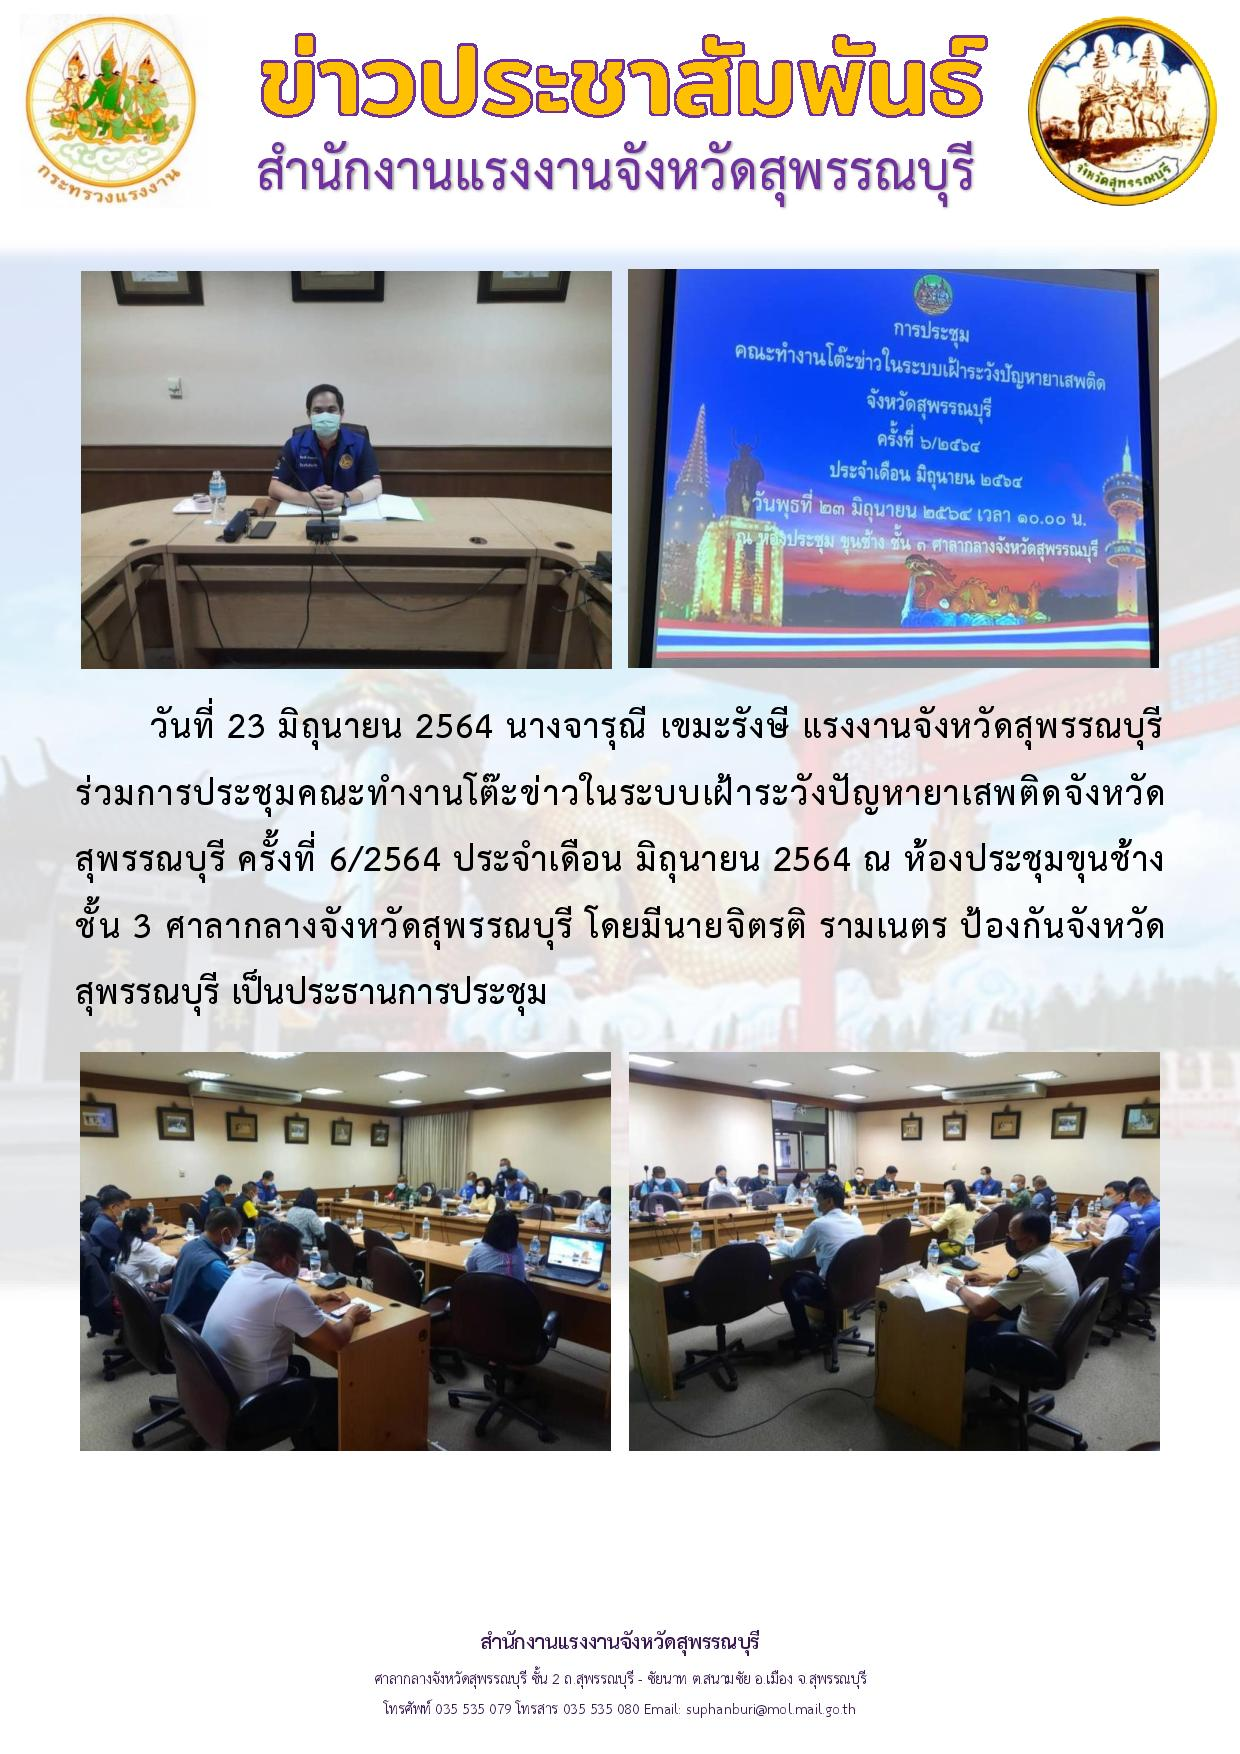 แรงงานจังหวัดสุพรรณบุรีร่วมการประชุมคณะทำงานโต๊ะข่าวในระบบเฝ้าระวังปัญหายาเสพติดจังหวัดสุพรรณบุรี ครั้งที่ 6/2564